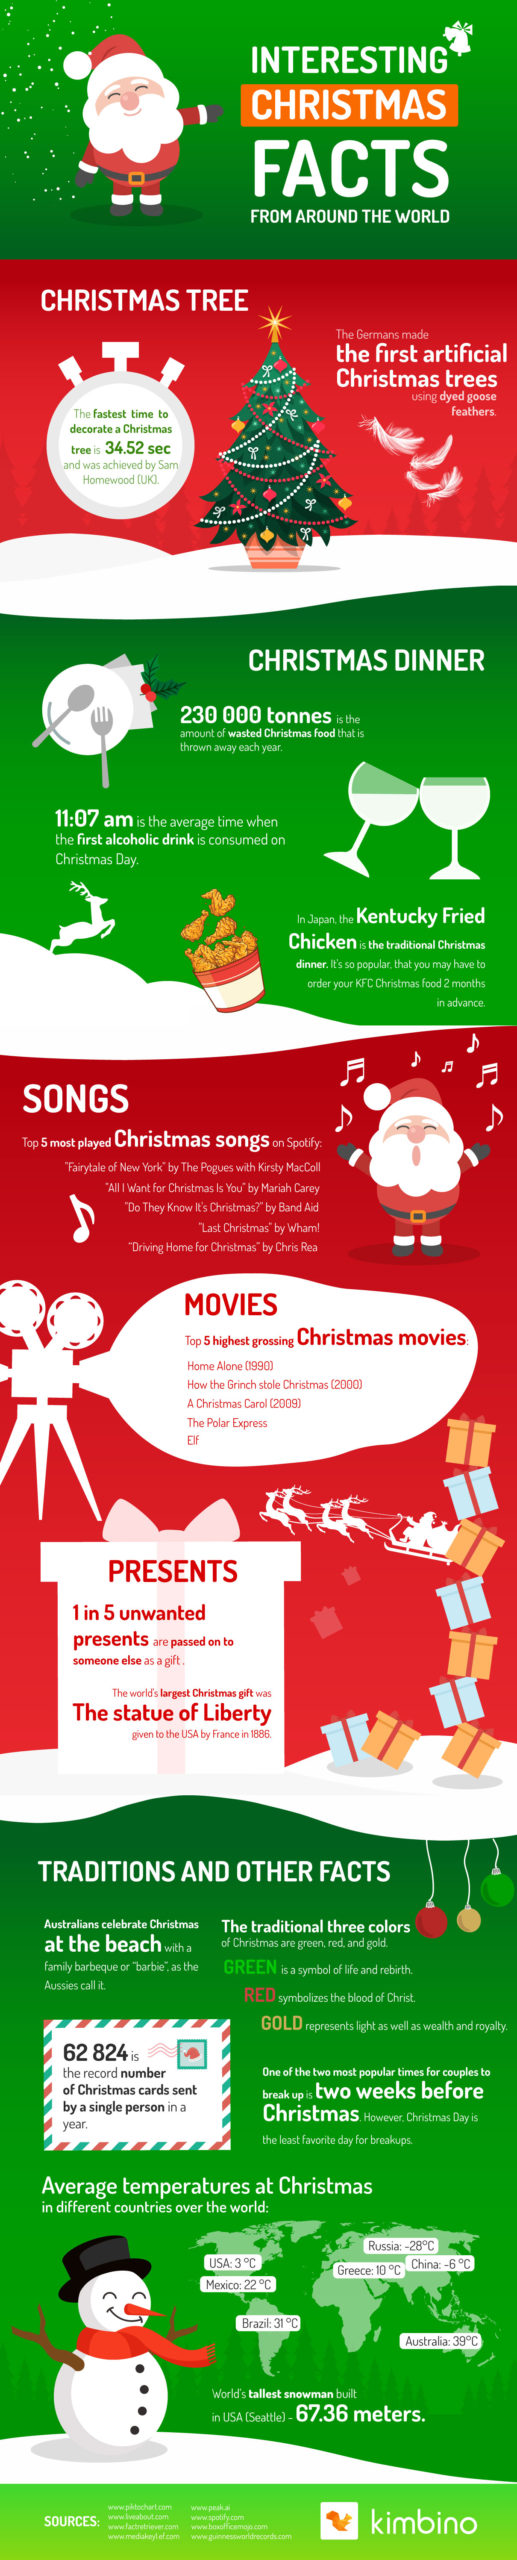 Zajímavosti o Vánocích z celého světa, které vás stoprocentně překvapí!